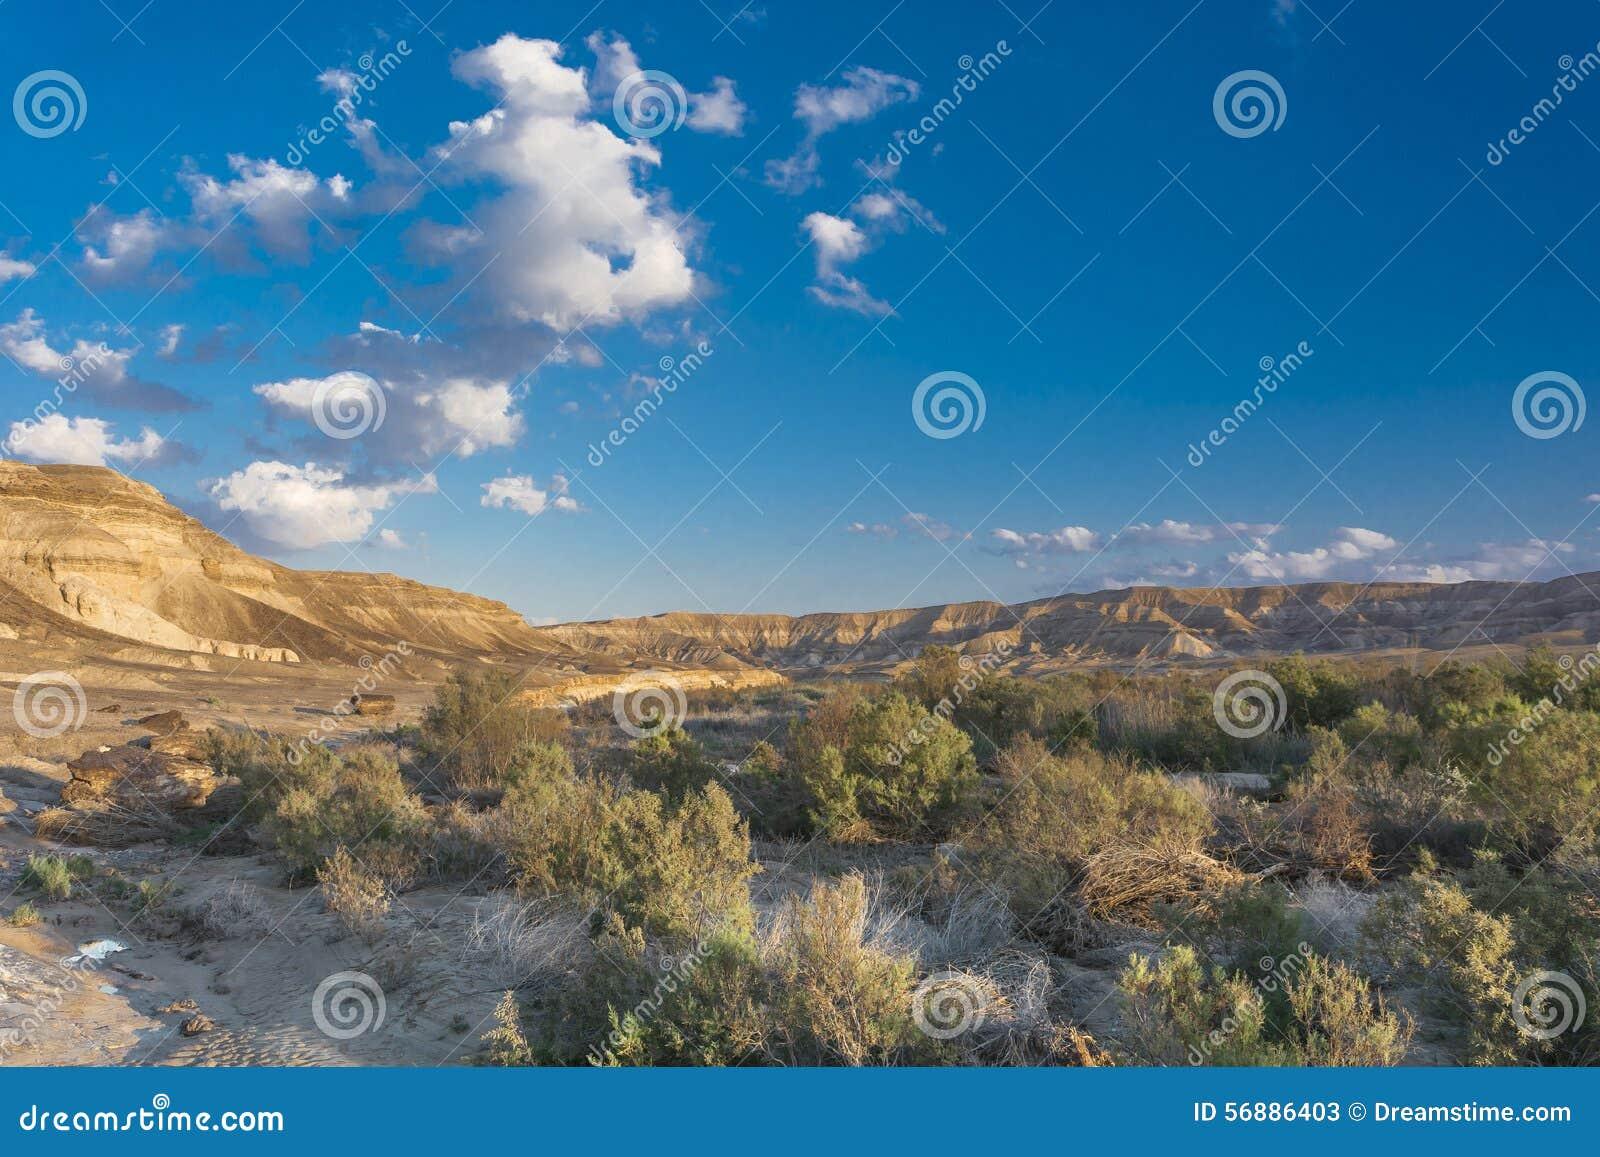 Deserto di Negev